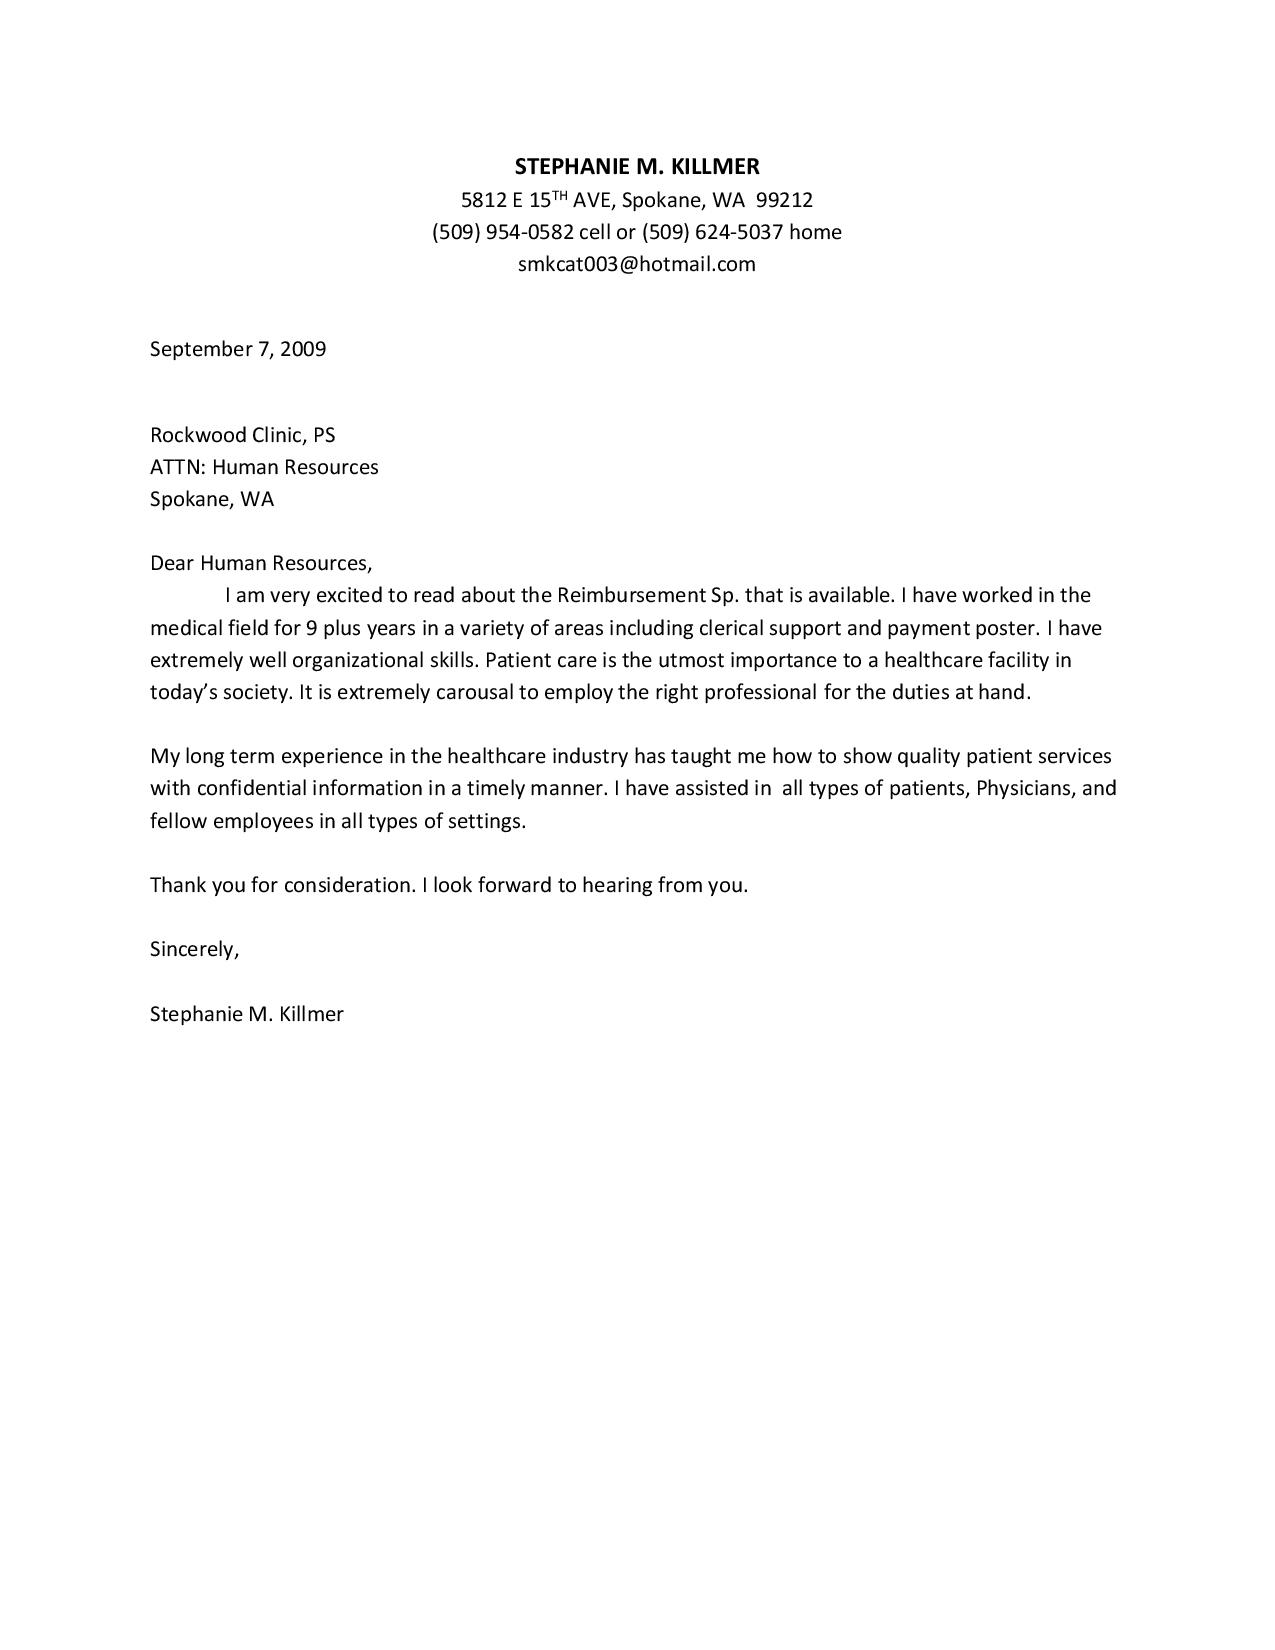 Insurance Nurse Cover Letter | Pretty Professional Description For ...